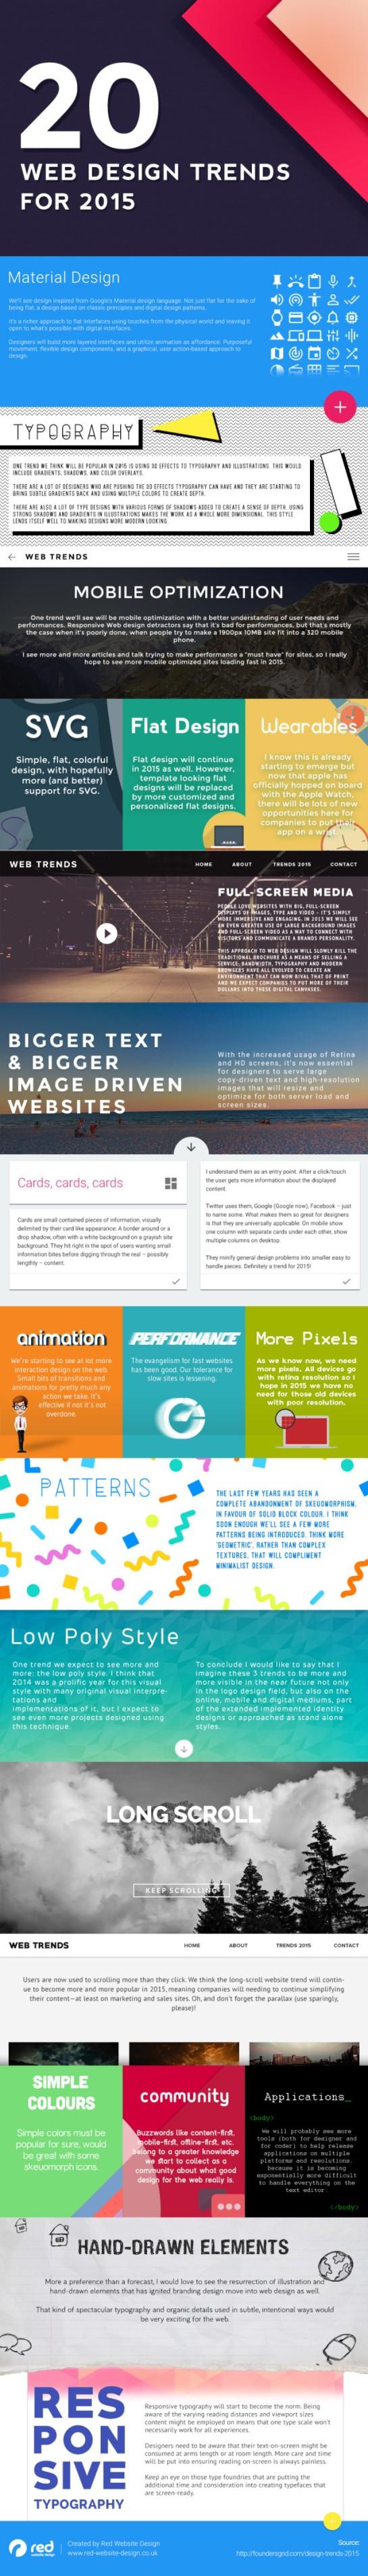 20 tendances en web design à connaître pour 2015 - AUTOVEILLE